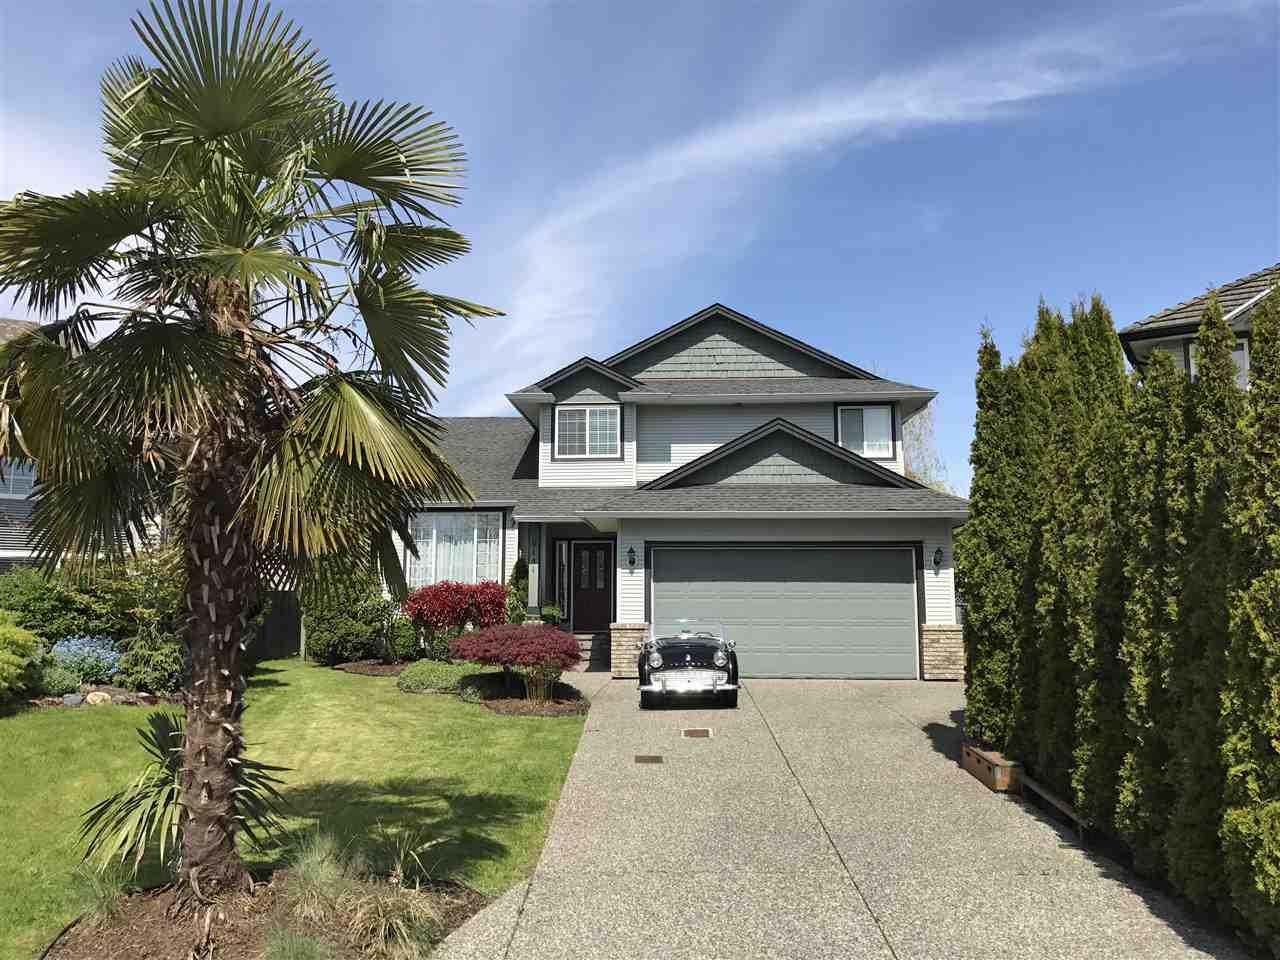 9141 203 STREET, Langley, BC, V1M 2G2 Photo 1